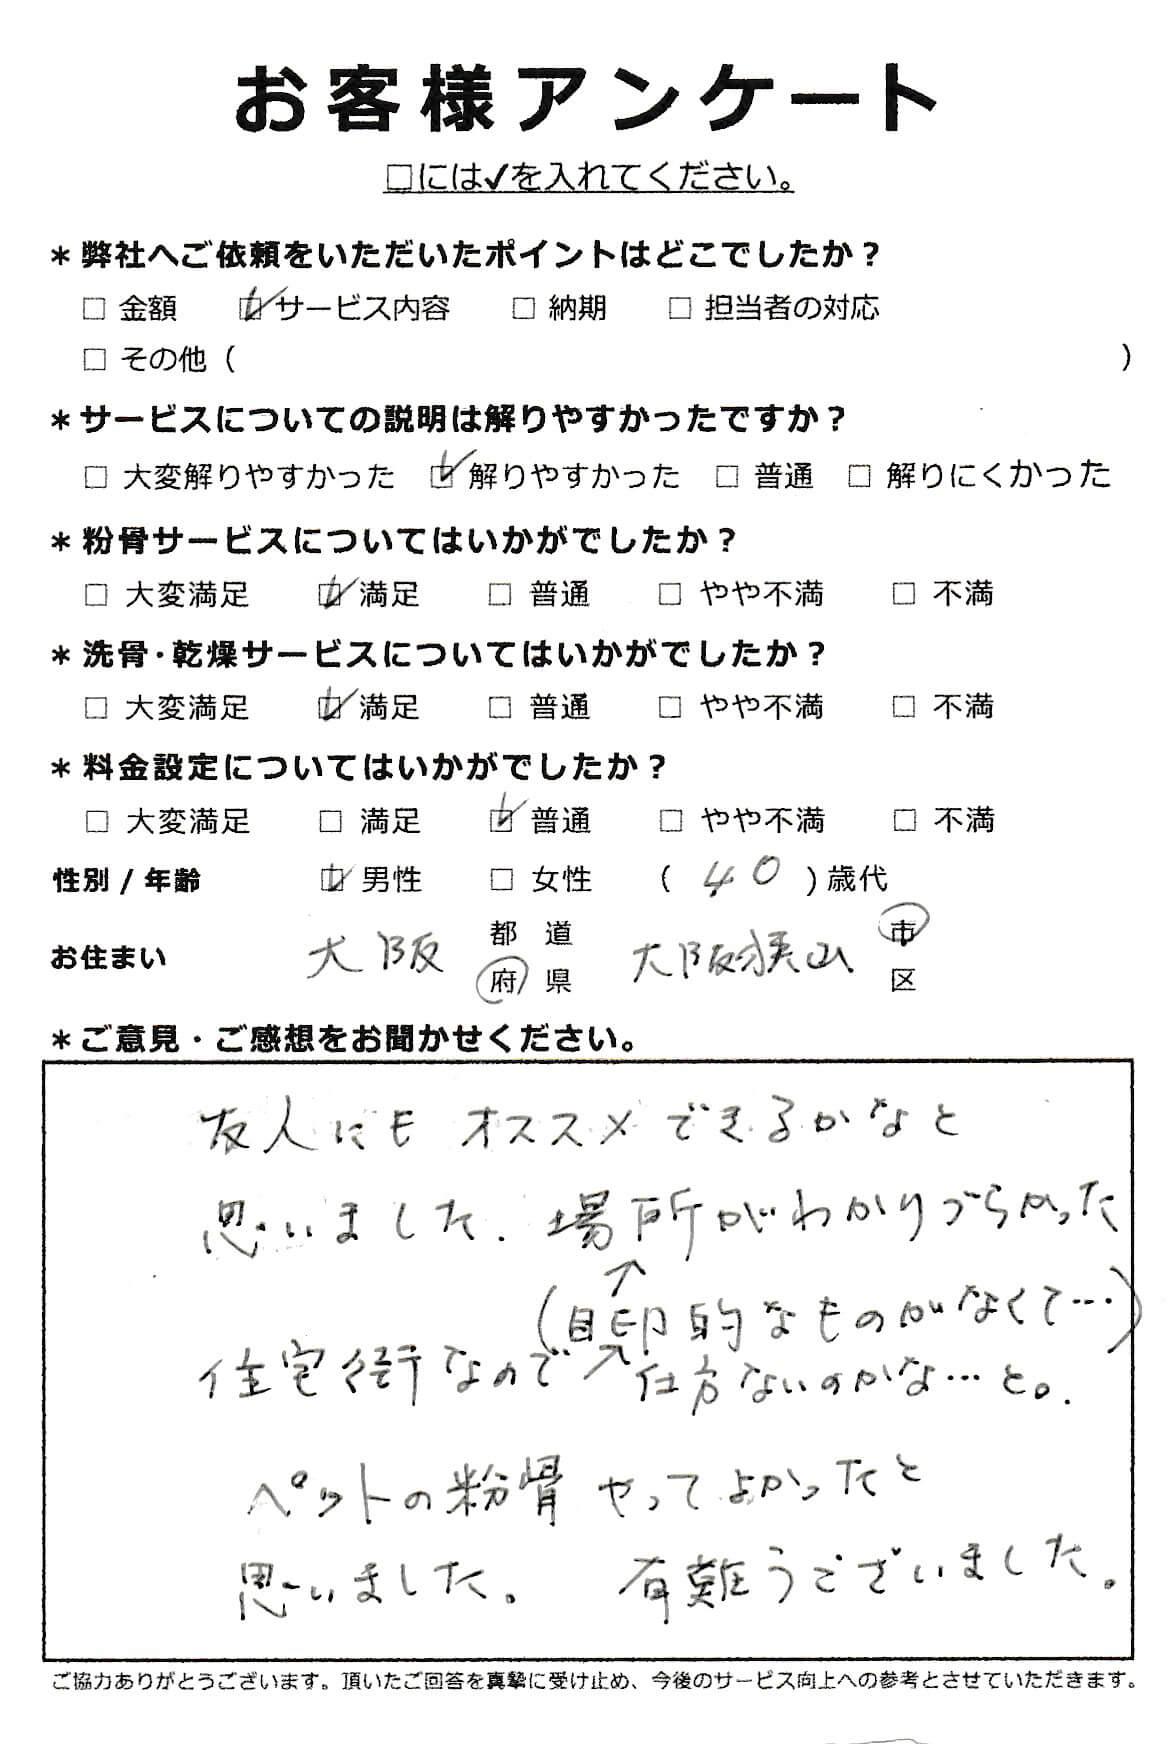 大阪府大阪狭山市での粉骨サービス